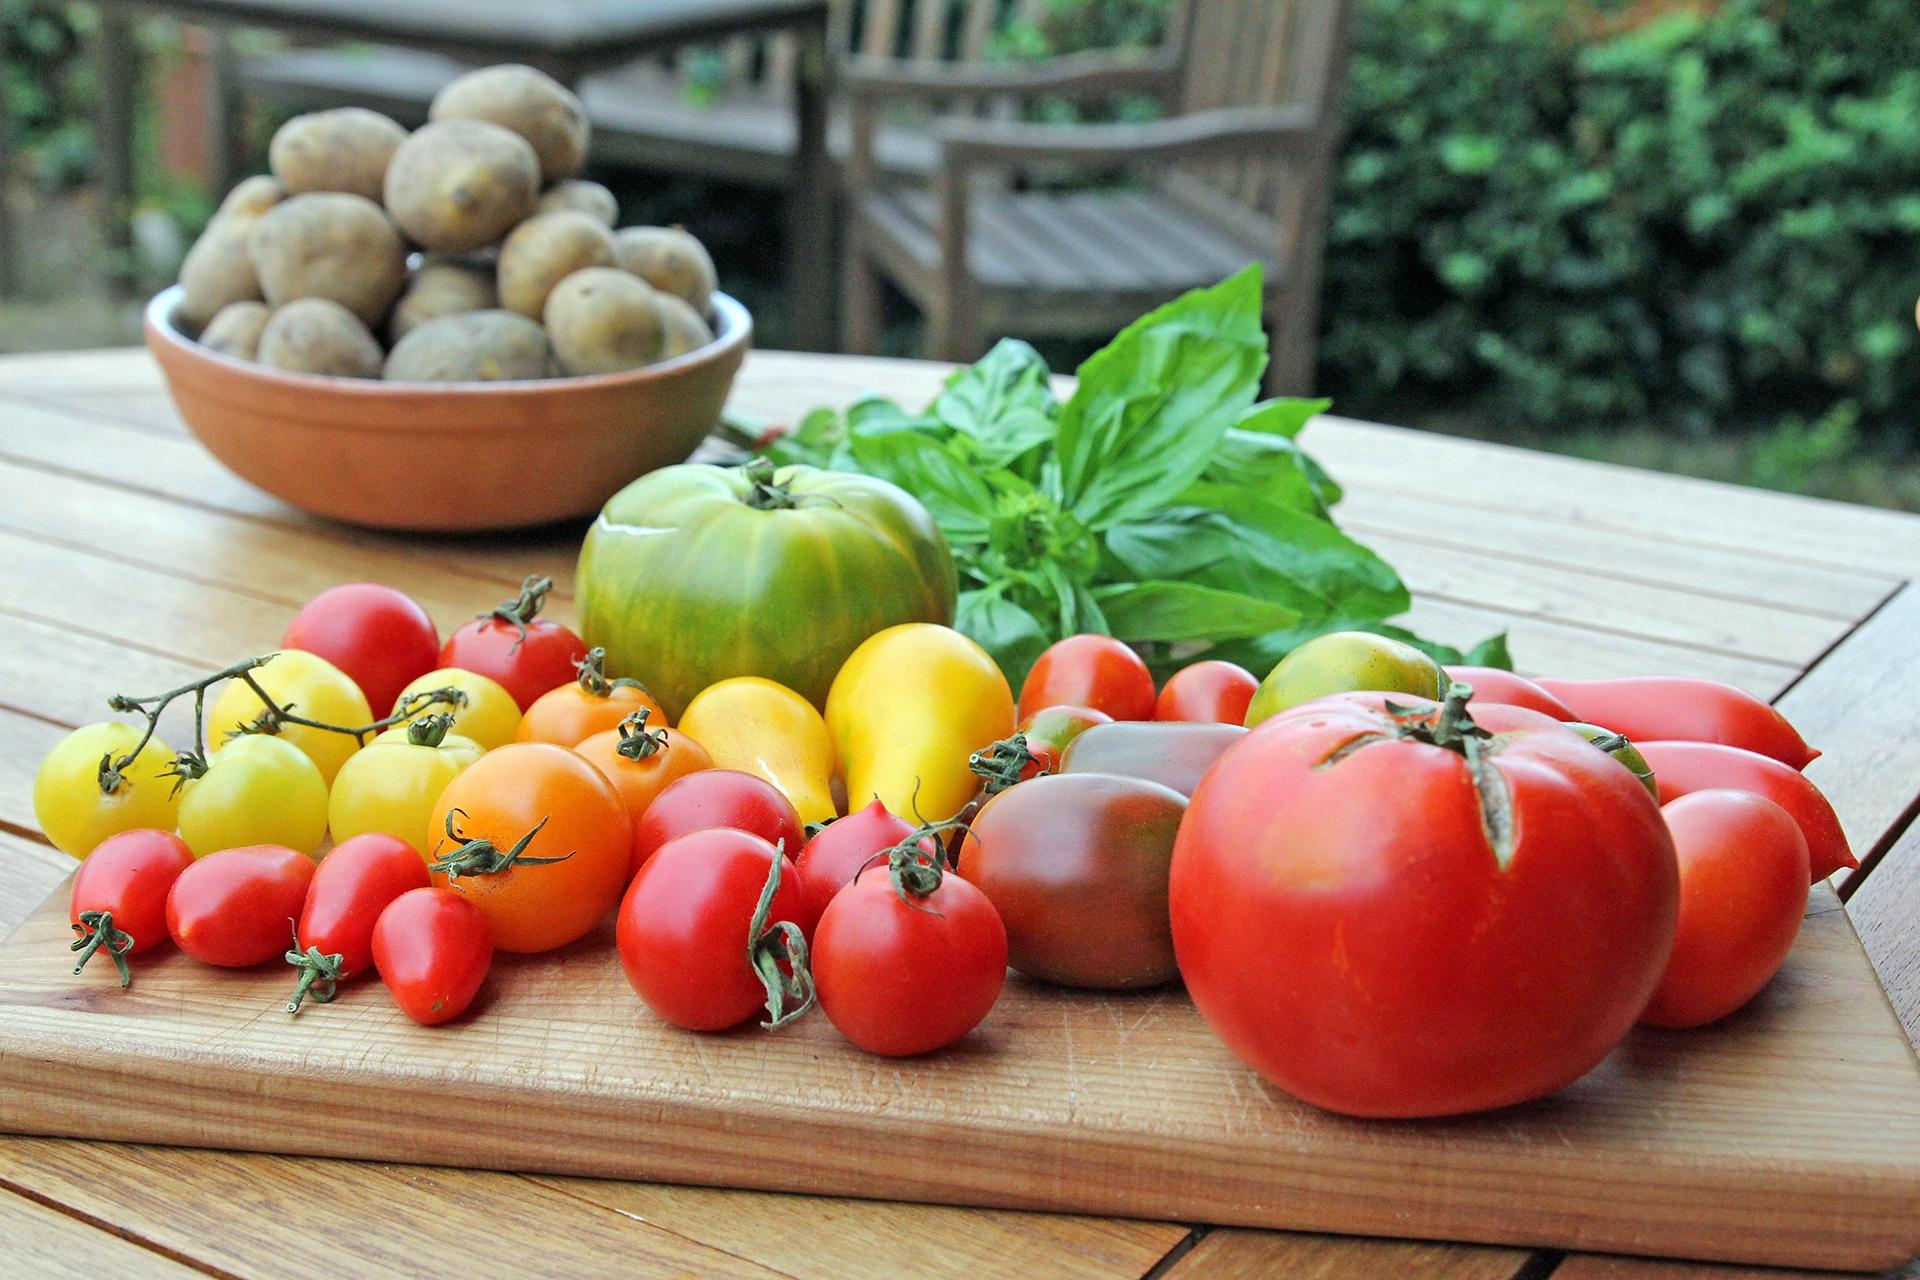 Die mediterrane Ernährung gilt als sehr gesund. Wie eine neue Studie zeigt, kann sie auch die Gesundheit der Knochen und Muskeln fördern.